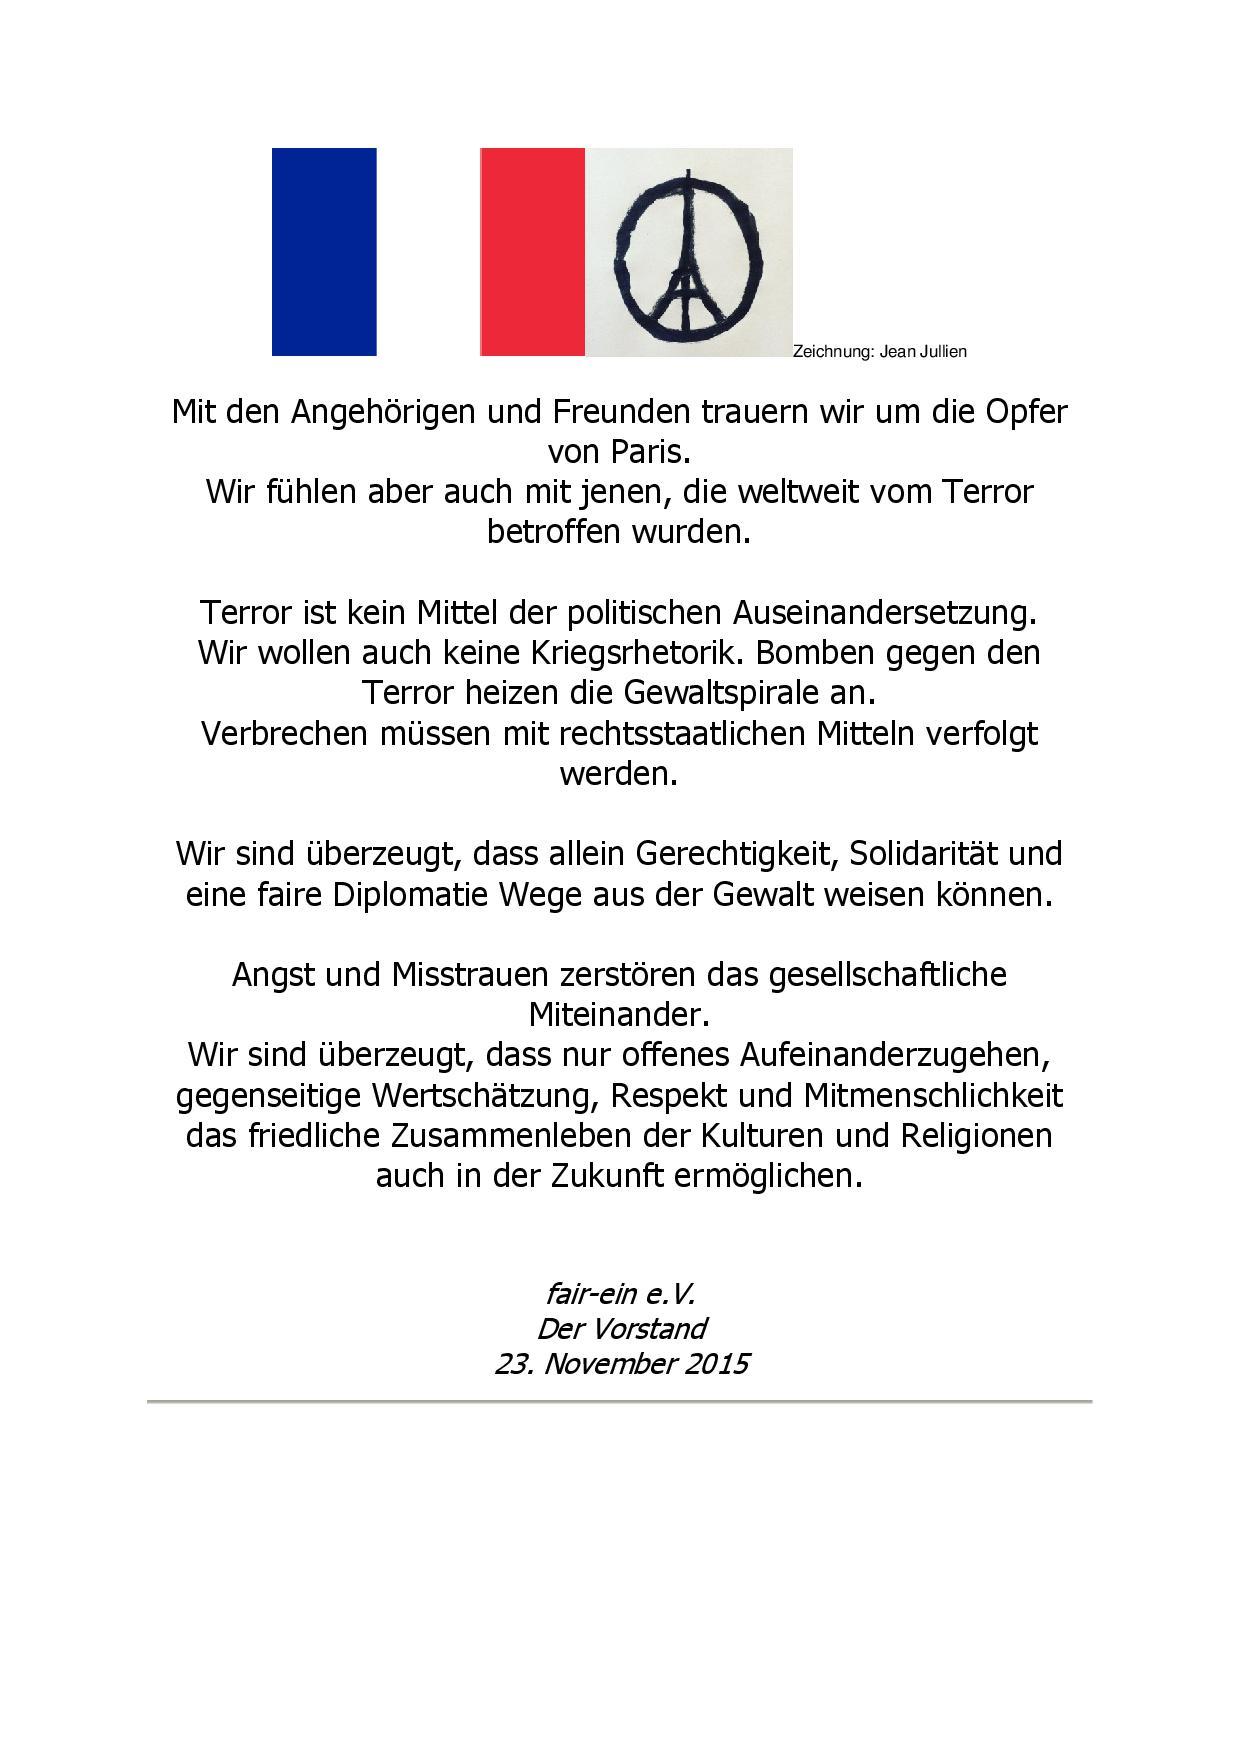 Statement nach Paris 17.11.15-001